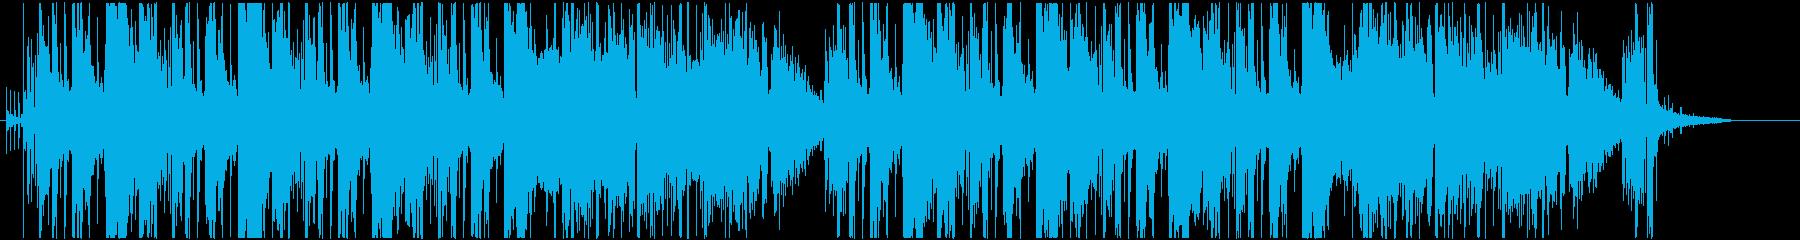 リラクゼーション系 Chill Hopの再生済みの波形